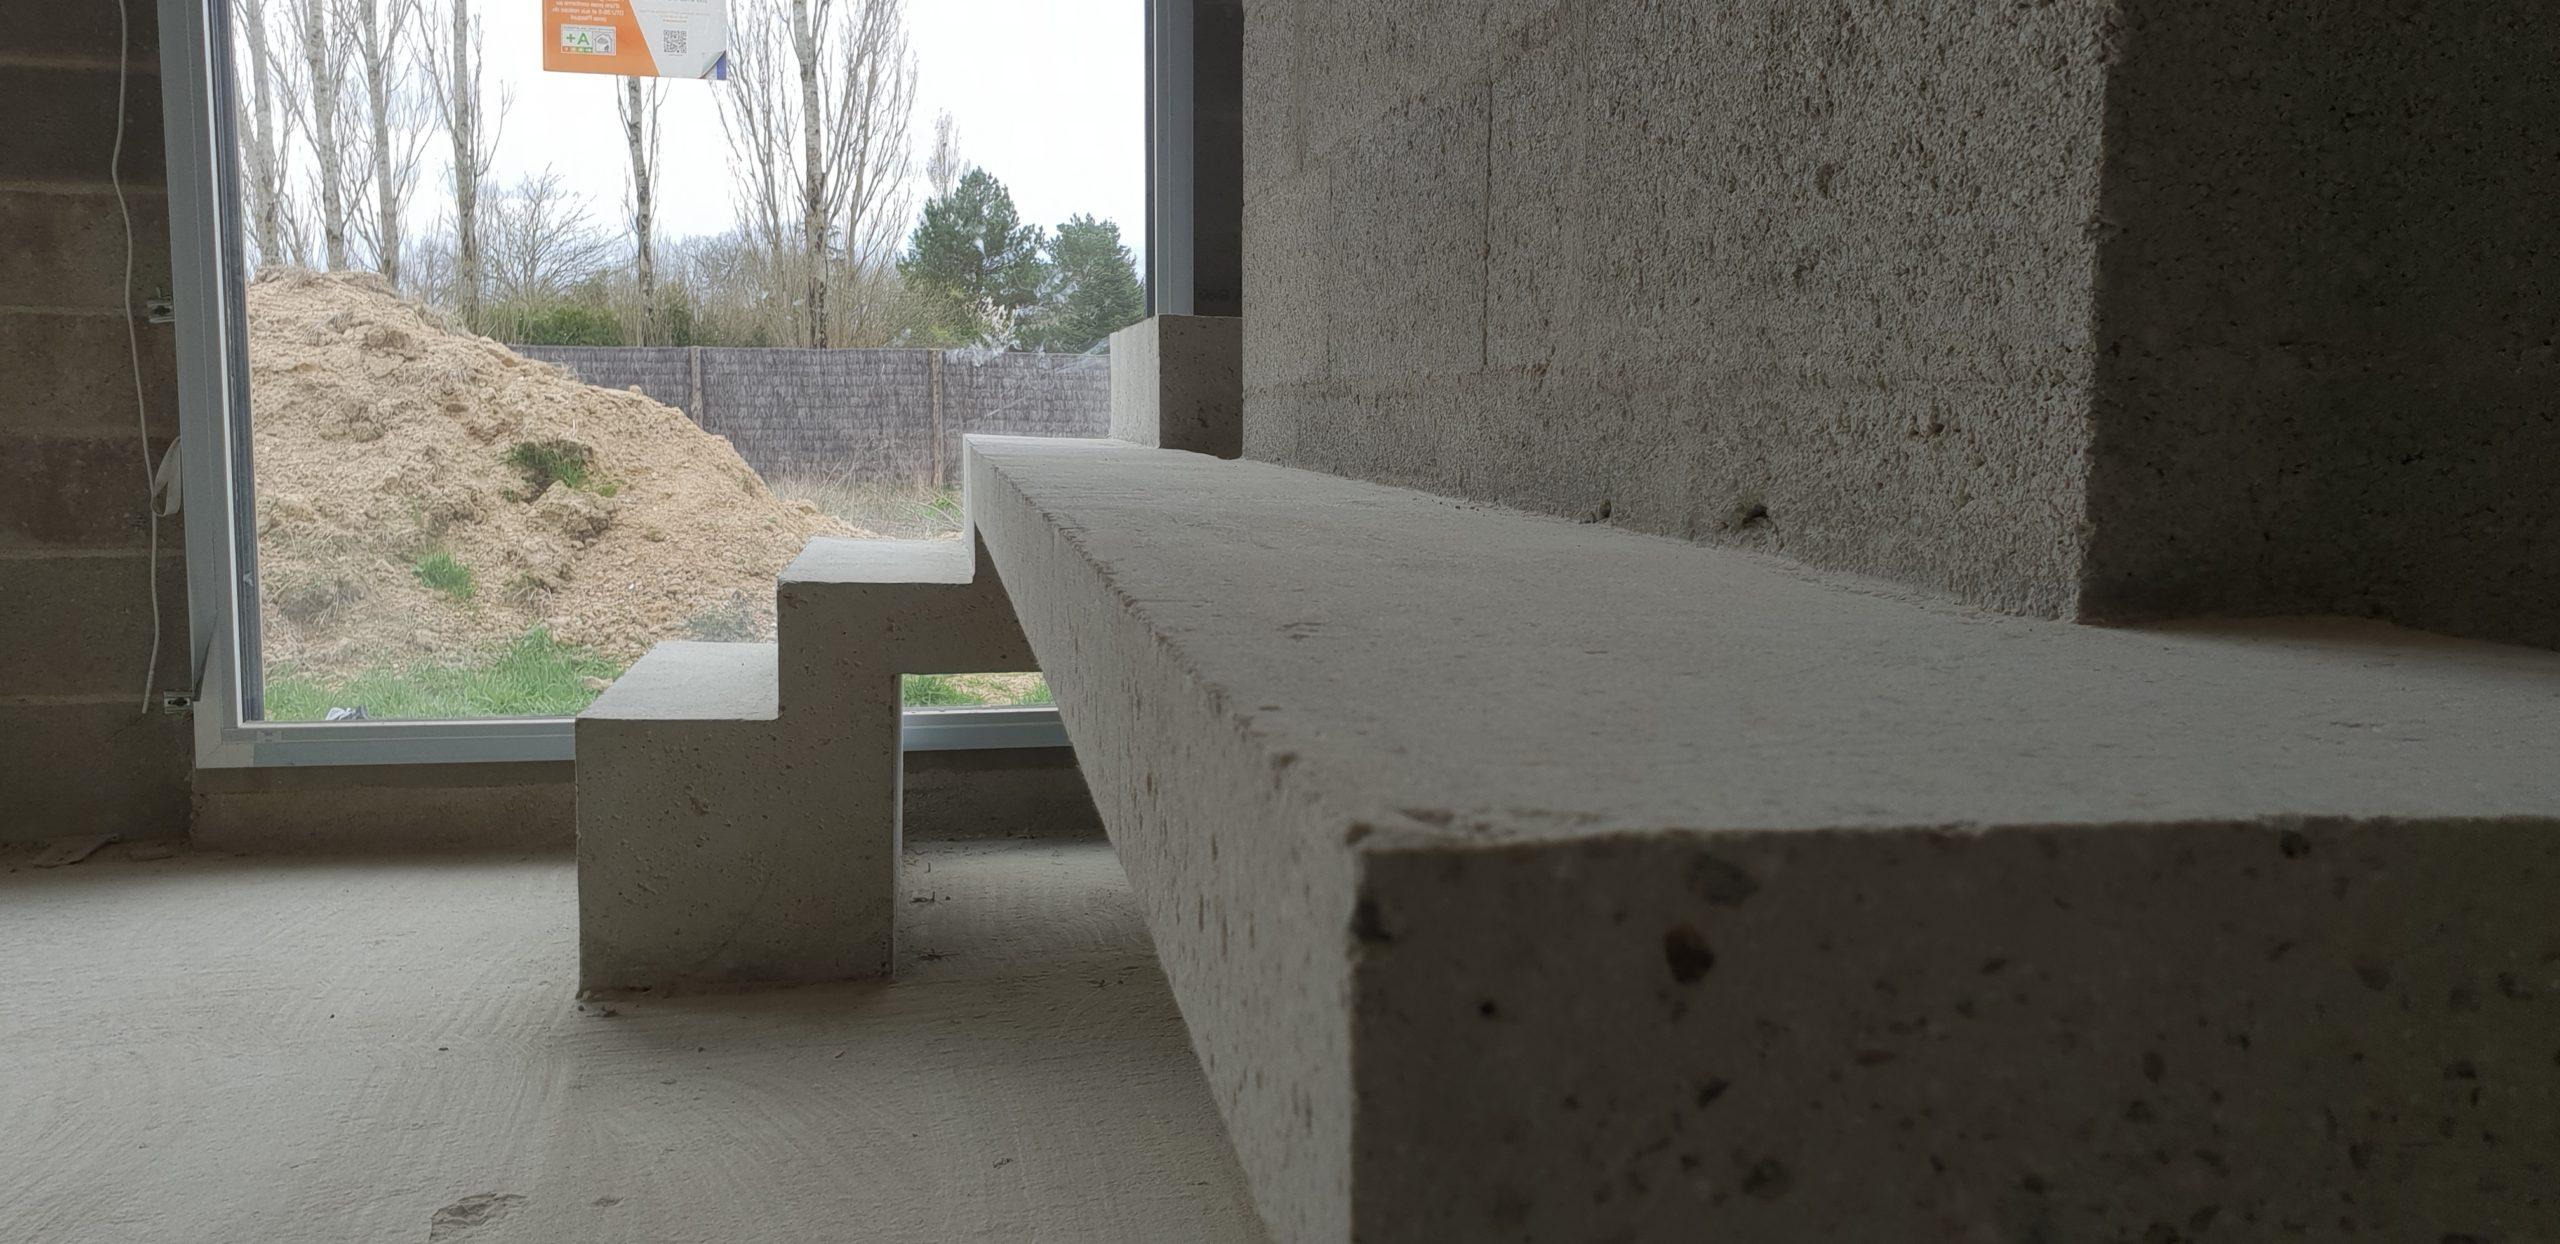 Escalier original dans une maison en construction